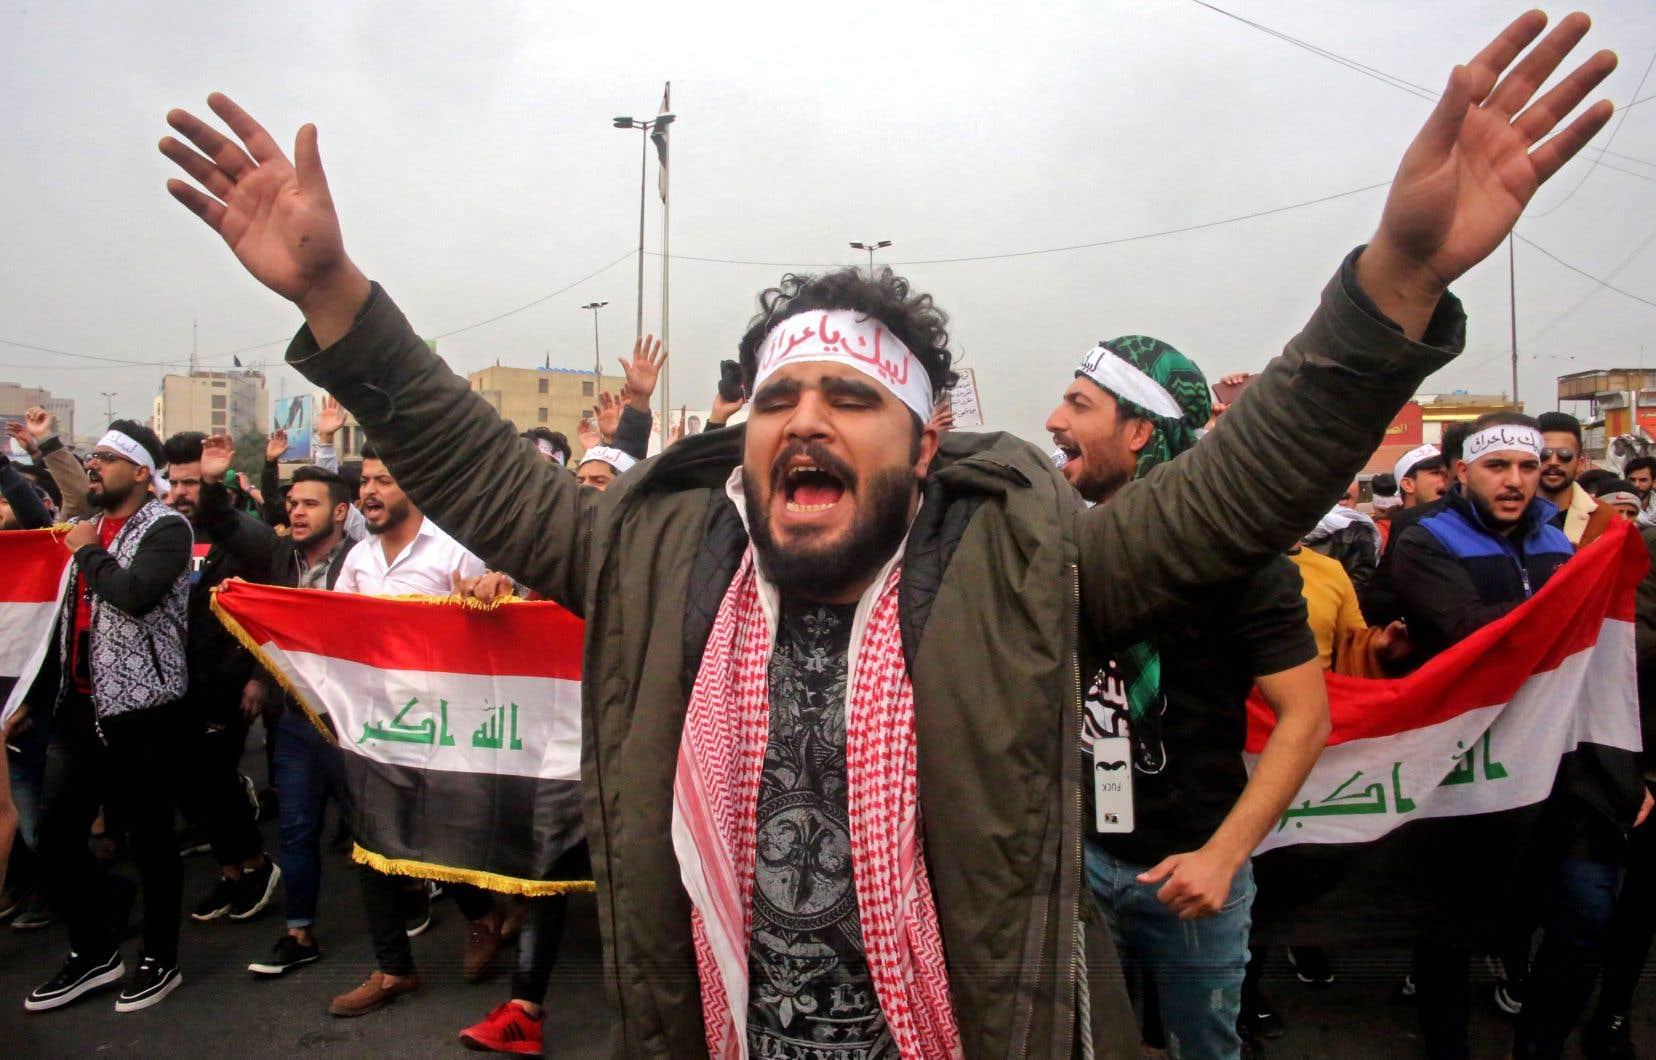 <p>Un manifestant irakien scandant des slogans dans une marche antigouvernementale, dimanche, près de la place Tahrir, épicentre de la contestation à Bagdad</p>